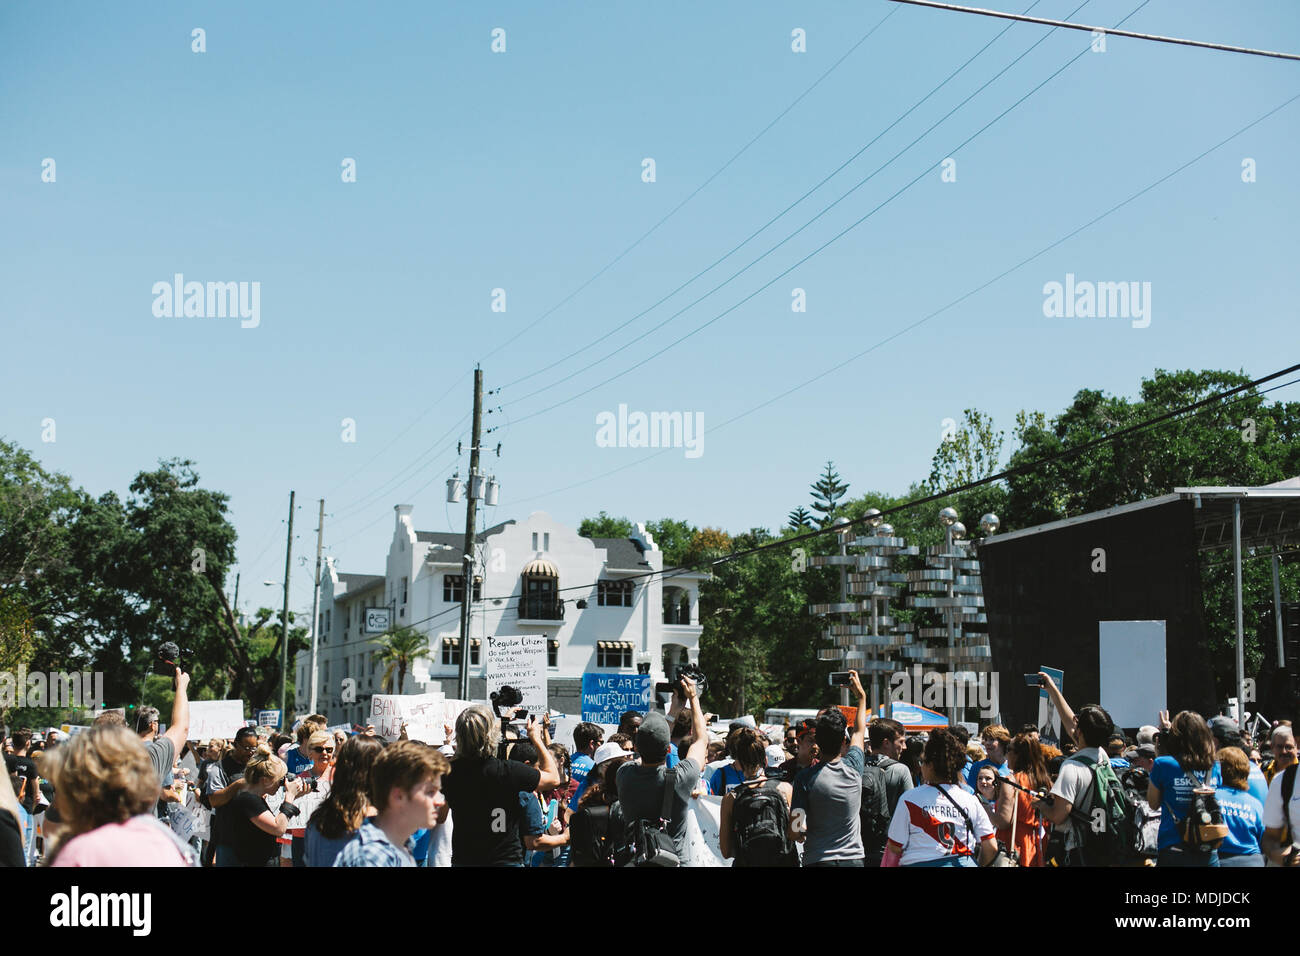 März für unser Leben allgemein Fall in der Innenstadt von Orlando, Florida (2018). Stockbild